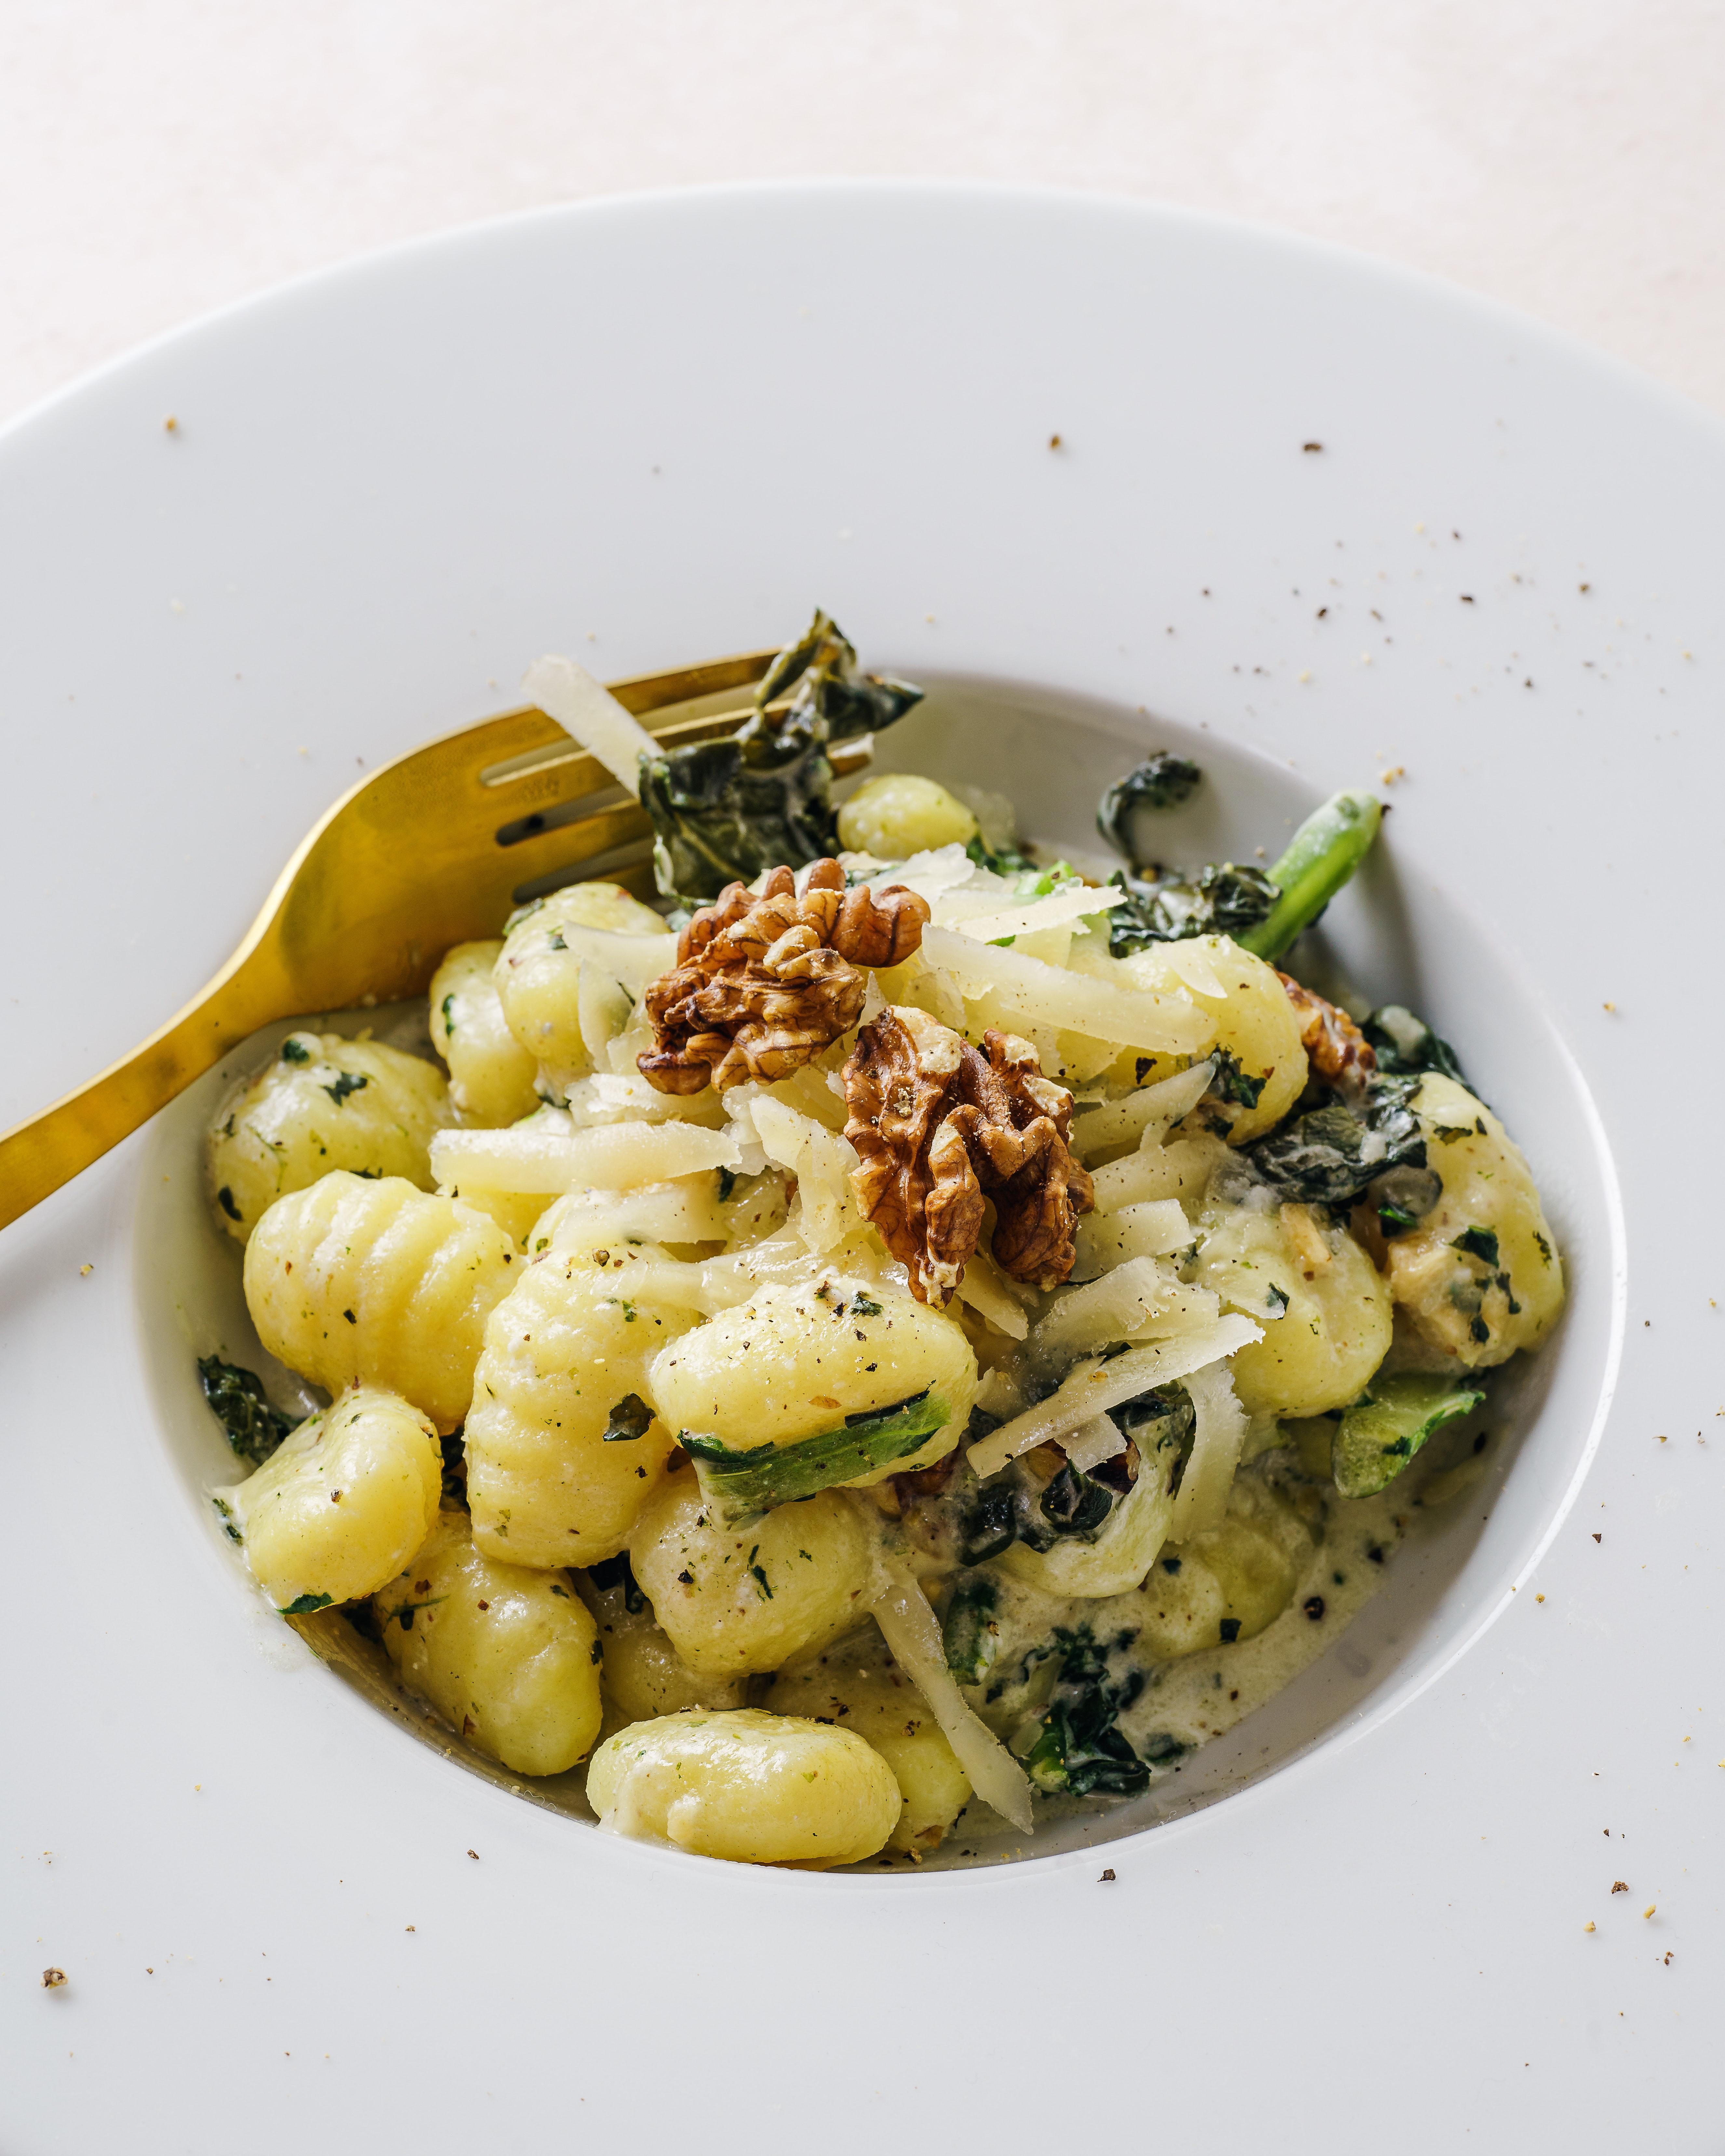 7 best vegan restaurants in Colorado